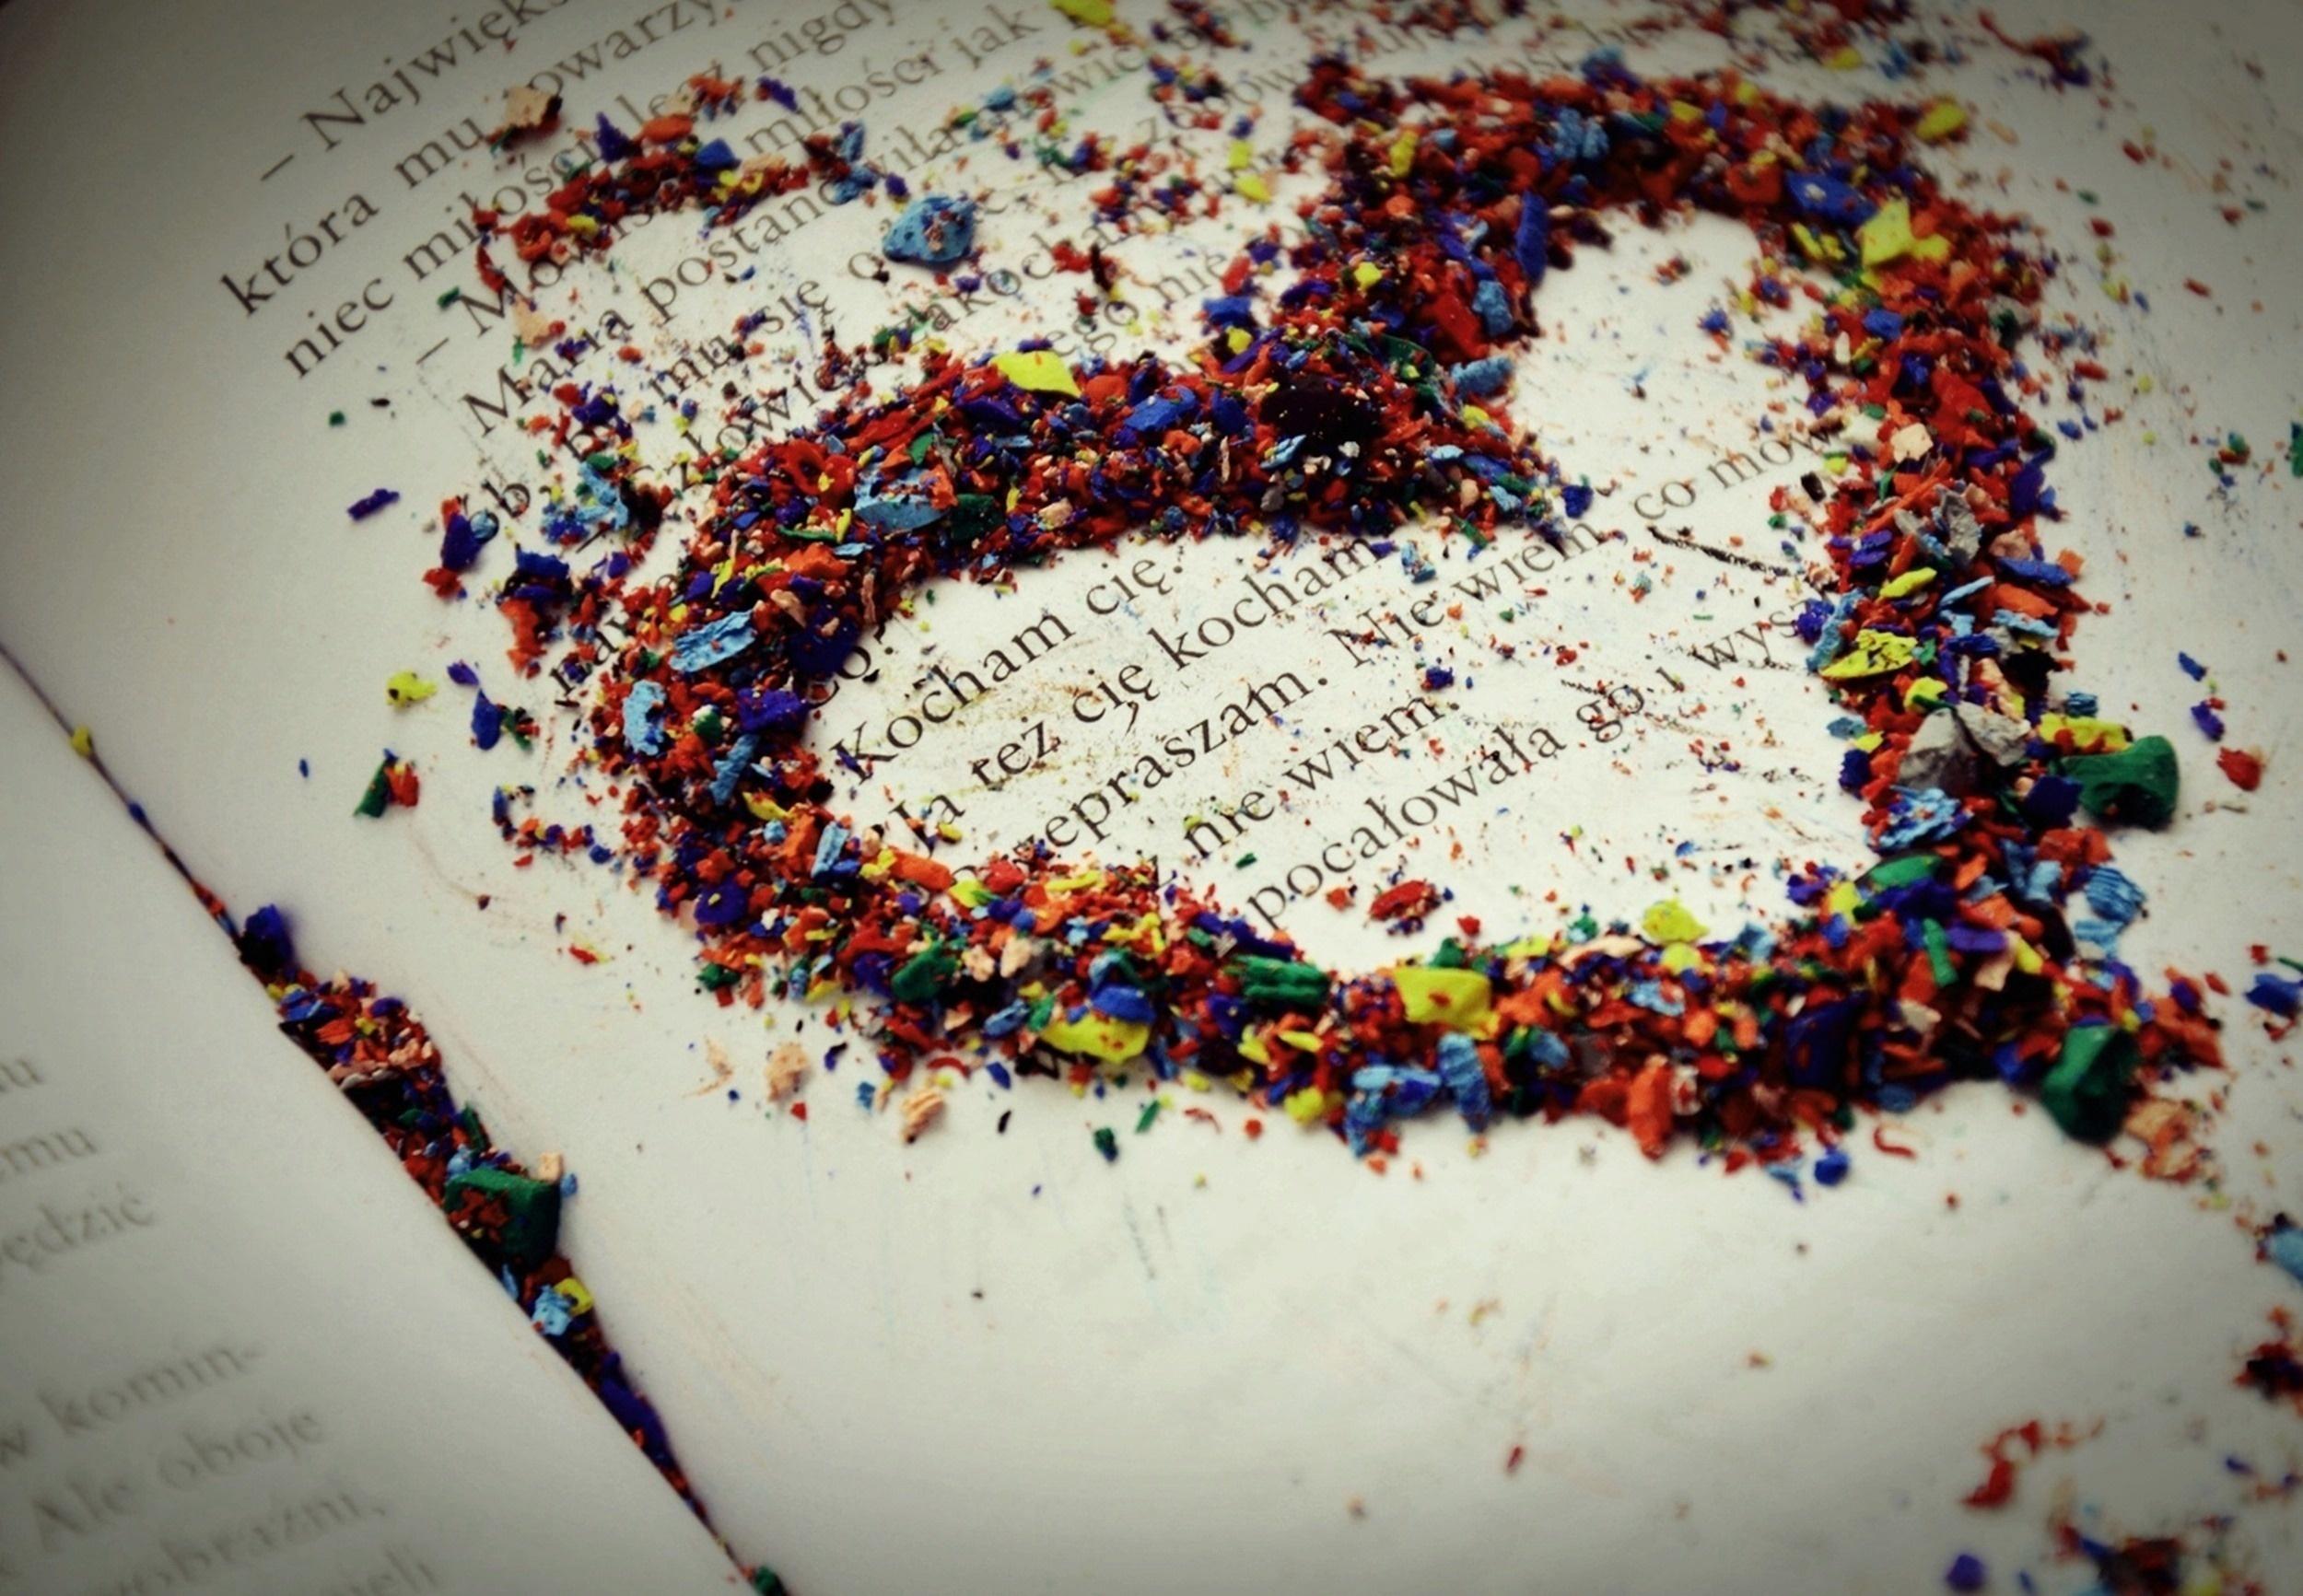 150704 Hintergrundbild herunterladen Herzen, Liebe, Mehrfarbig, Motley, Text, Chip, Ein Herz, Buch, Rasuren - Bildschirmschoner und Bilder kostenlos